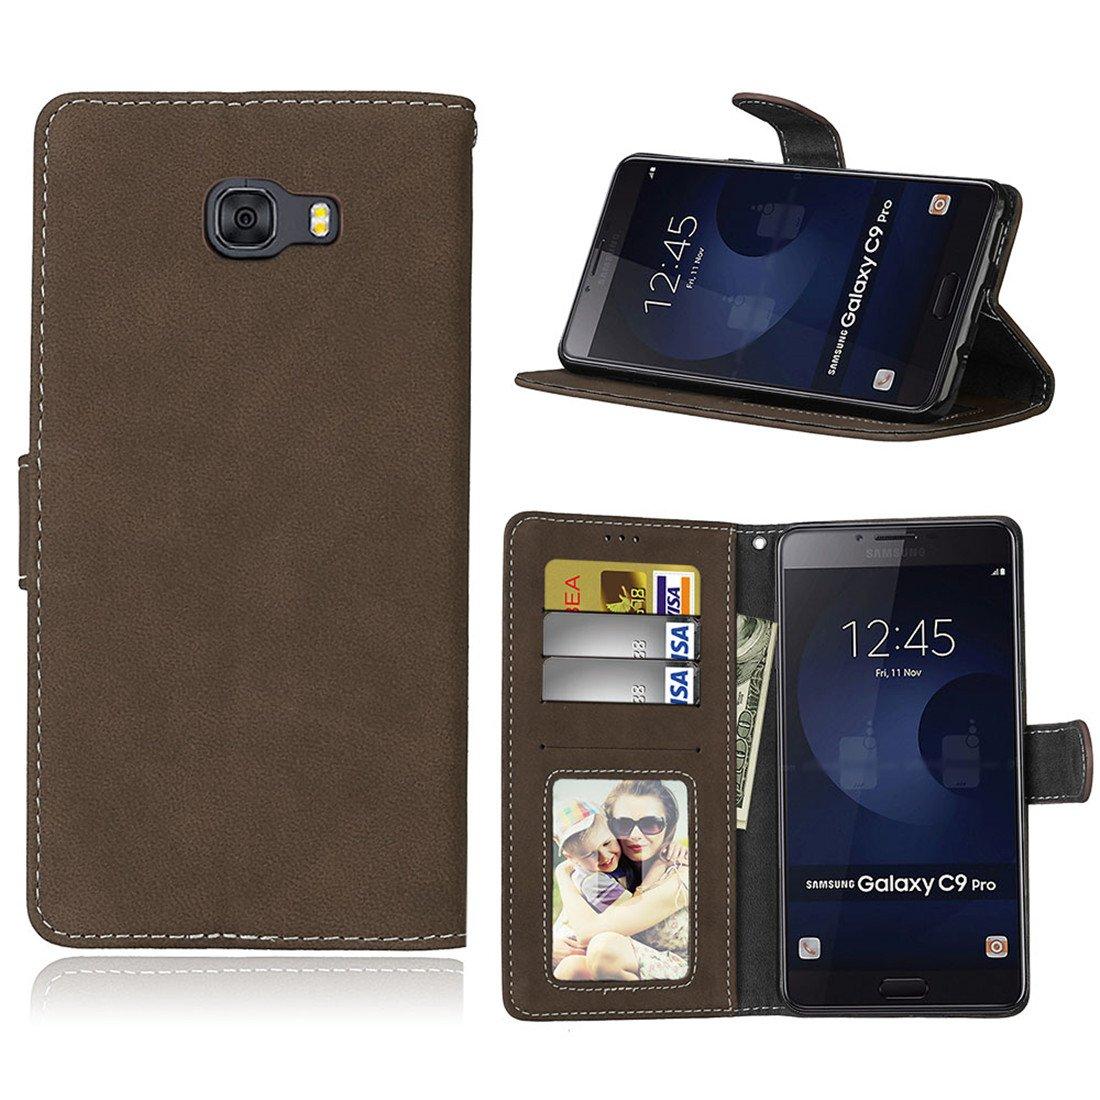 HiKing Para Samsung Galaxy C9 Pro Funda, Cuero De La PU Magnético Capirotazo Billetera Apoyo Bumper Protector Cover Funda Carcasa Case: Amazon.es: Electrónica